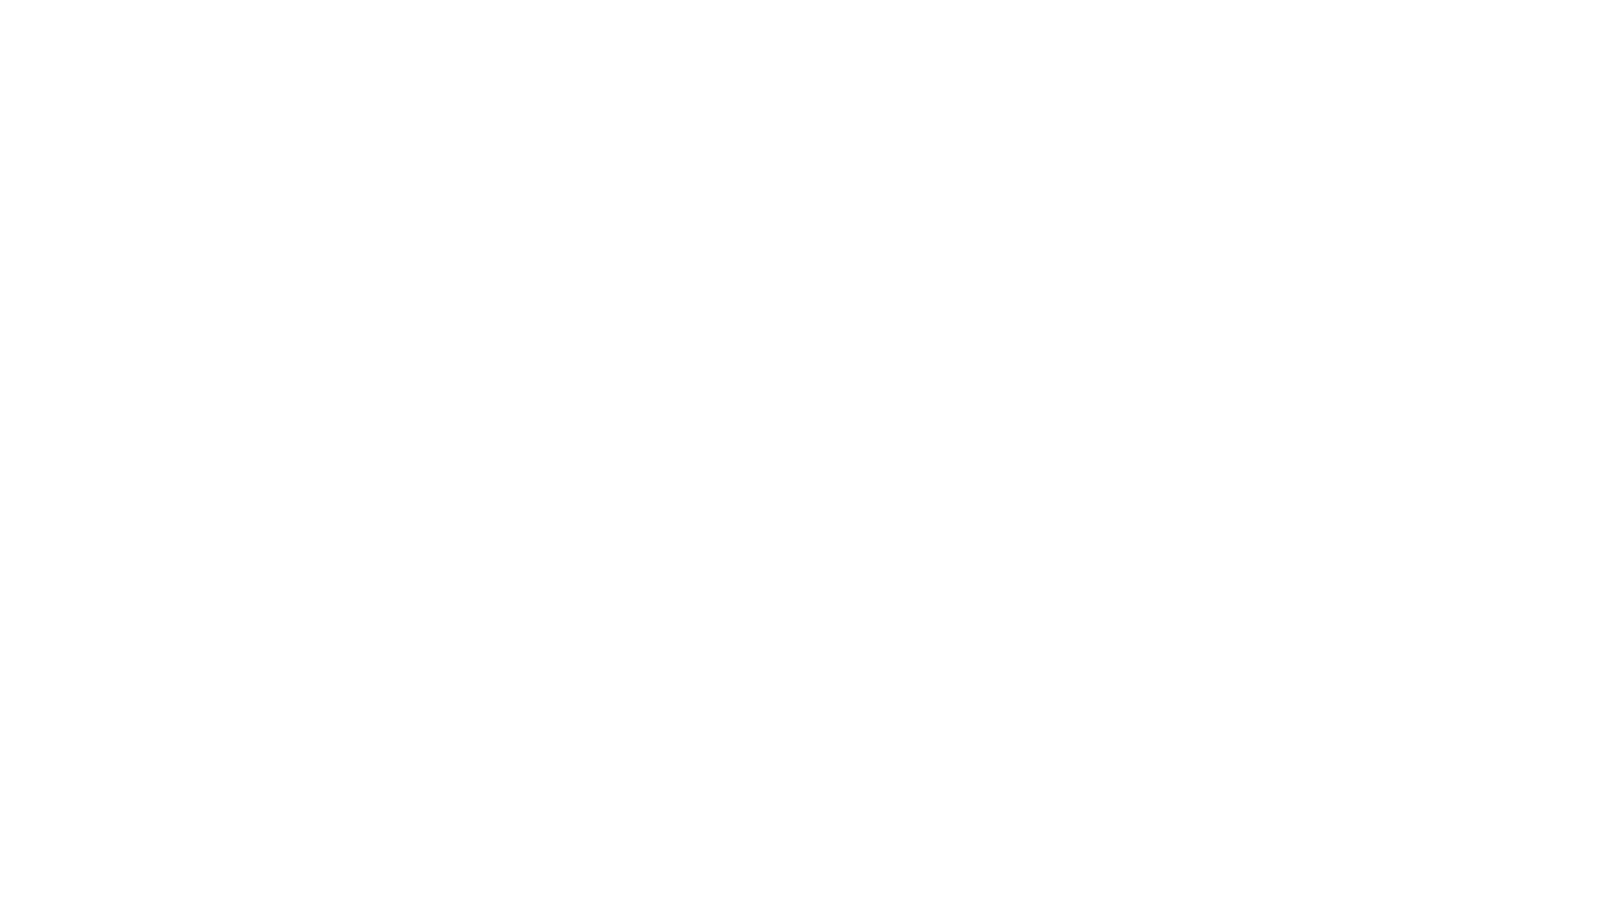 छपरा में एक जगह ढंक कर रखी गई एंबुलेंस का मामला तूल पकड़ रहा है। पूर्व सांसद पप्पू यादव के साथ-साथ अब रिटायर्ड IPS अमिताभ दास ने भी मोर्चा खोला उत्तर प्रदेश के गोरखपुर जिले में आरके ऑक्सीजन फैक्ट्री में शुक्रवार की सुबह उत्पादन ठप होने के से शहर भर में हाहाकार मोतिहारी के हरसिद्धि स्थित मां गायत्री ऑक्सीजन प्लांट से शनिवार की सुबह करीब छह बजे से उत्पादन ठप देश में कोरोना की दूसरी लहर के बीच इसकी तीसरी लहर आने की भी बात होने लगी है। यह बात केंद्र सरकार की ओर से ही आई है दिल्ली में कोरोना वैक्सीनेशन को लेकर मुख्यमंत्री अरविंद केजरीवाल ने शनिवार को प्रेस कॉन्फ्रेंस की। उन्होंने बताया कि अगर हमें 3 महीने में पूरी दिल्ली को वैक्सीनेट करना है, तो दिल्ली को तीन करोड़ वैक्सीन की जरूरत सुप्रीम काेर्ट ने कर्नाटक को 1,200 मीट्रिक टन ऑक्सीजन की राेज आपूर्ति करने के आदेश पर रोक लगाने से मना कर दिया दो माह पहले तक नरेंद्र मोदी की सरकार भारत के इतिहास की सबसे लोकप्रिय और आत्मविश्वास से भरपूर सरकारों में एक थी। लेकिन, अब स्थिति उलटी है। असम में भाजपा ने लगातार दूसरी बार सत्ता में वापसी कर ली है। चुनाव के नतीजे आने के एक हफ्ते बाद भी राज्य में नेतृत्व को लेकर सस्पेंस जारी कोरोना की दूसरी लहर का सामना कर रहे भारत की मदद के लिए उत्तरी आयरलैंड भी आगे आया अभिनेत्री कंगना रनोट की कोरोना रिपोर्ट शनिवार को पॉजिटिव आई है। इसके बाद उन्होंने खुद को क्वारैंटाइन कर लिया